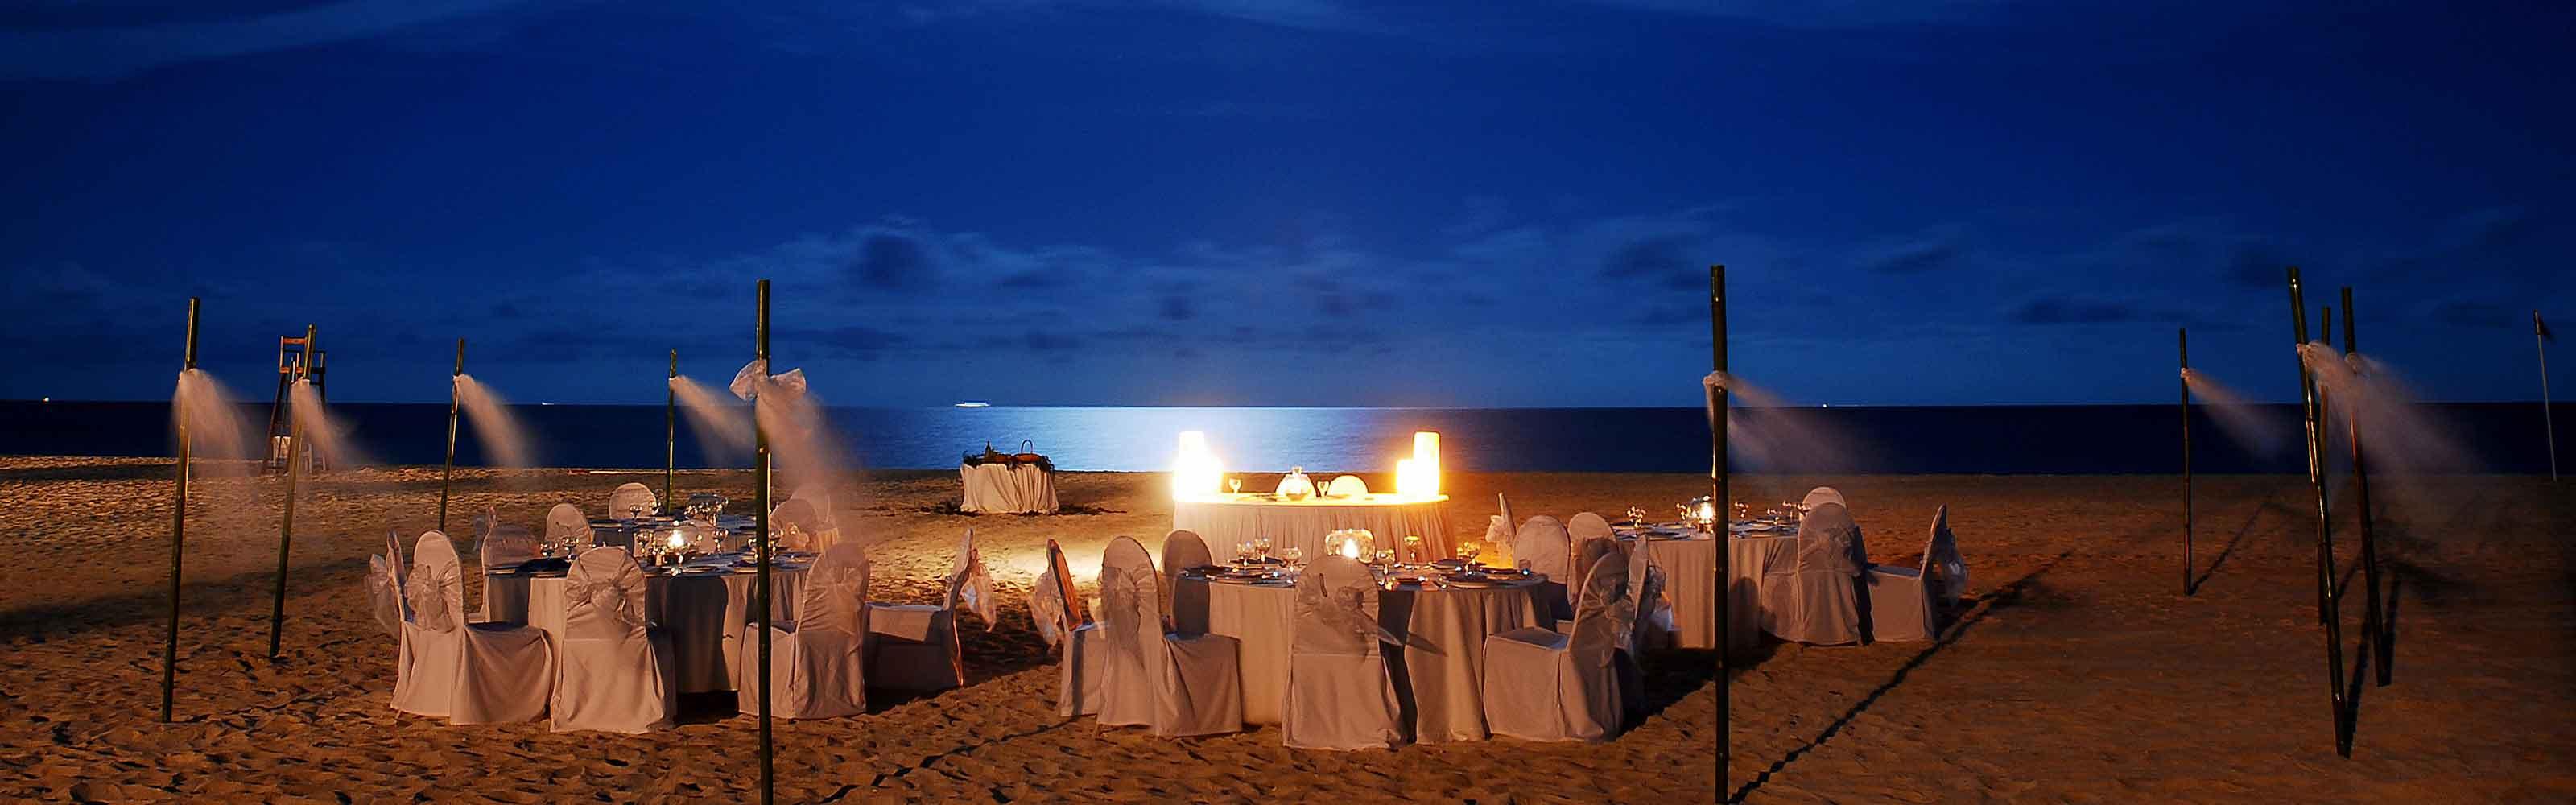 grand park royal cancun cancun resorts royal holiday